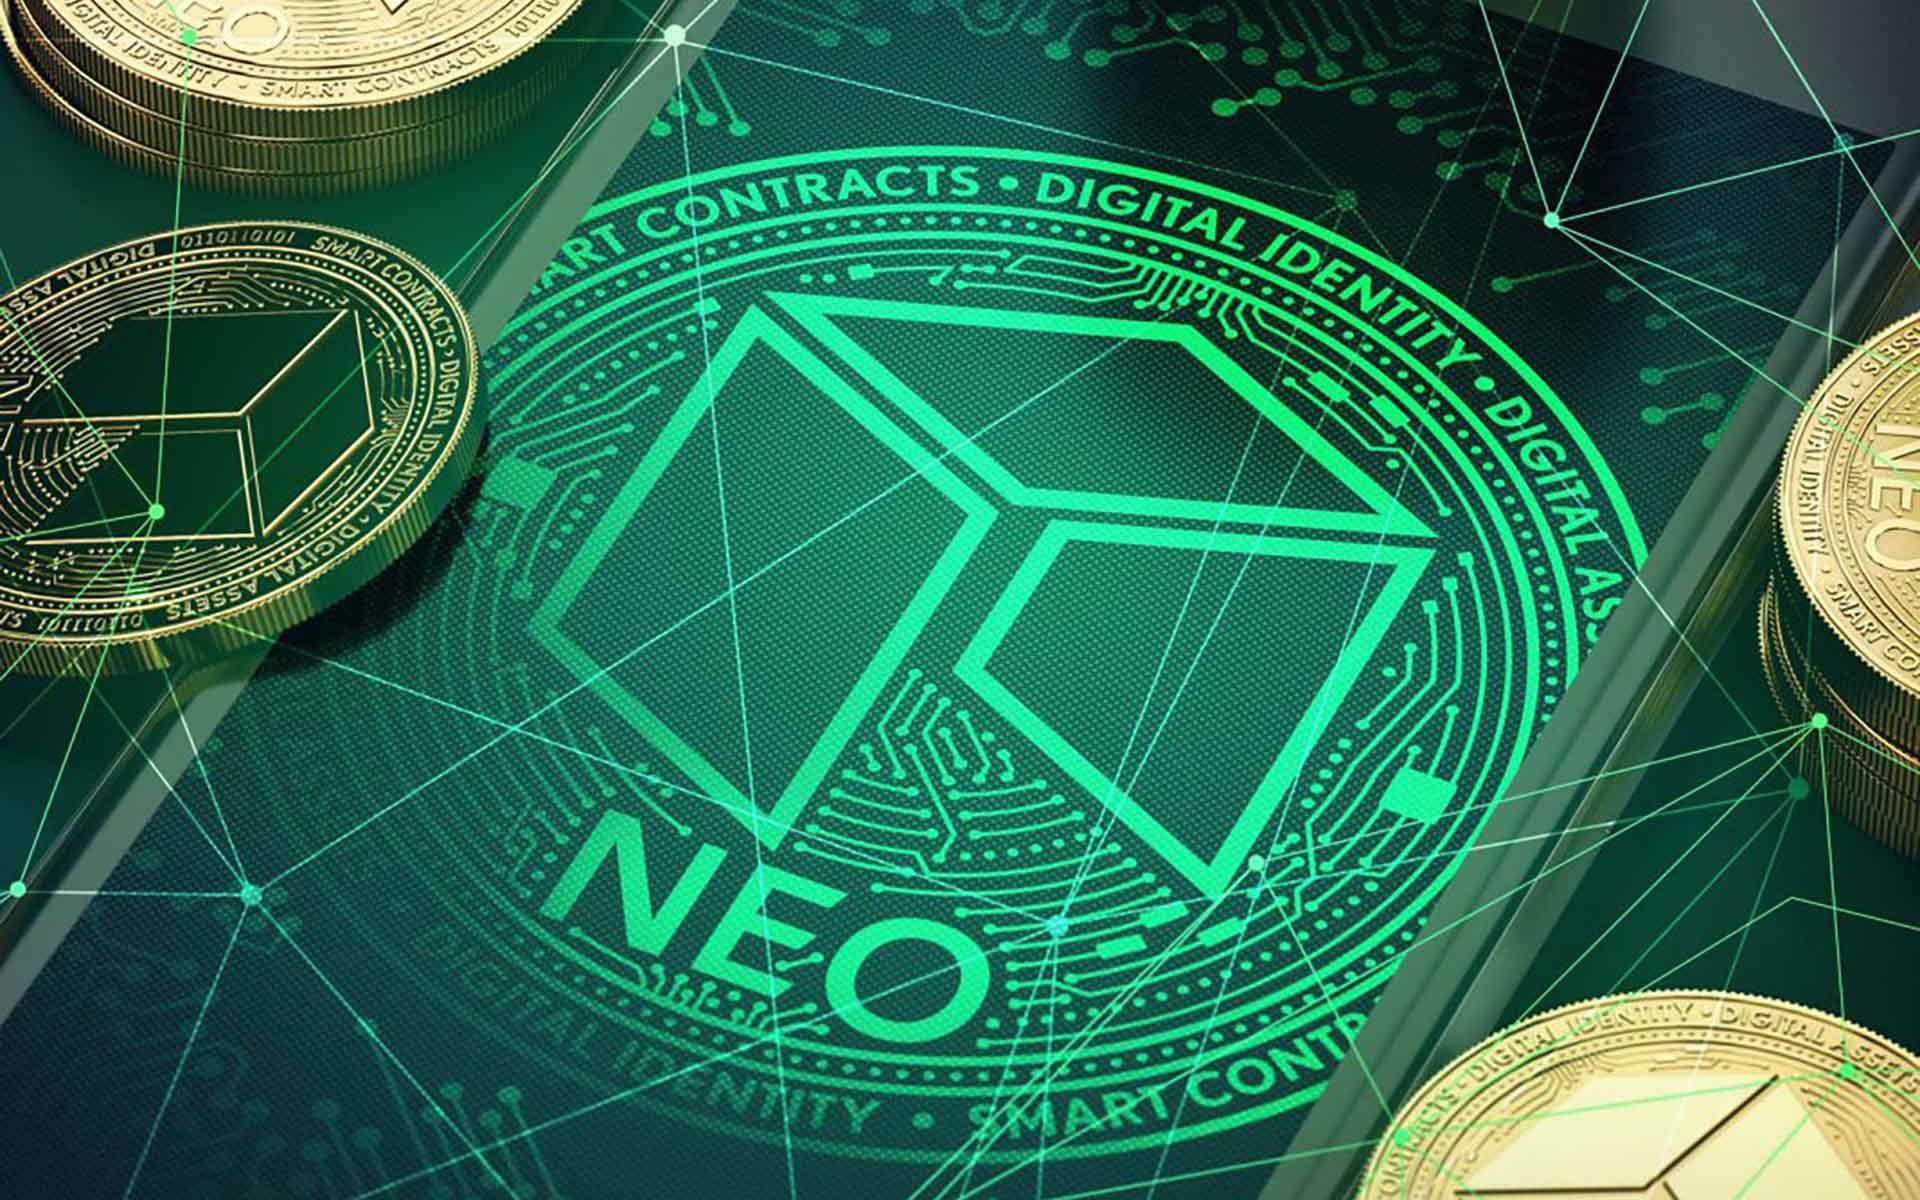 NEO(NEO)チームが10月のアップデートを発表し、成長しているNEOコミュニティを賞賛